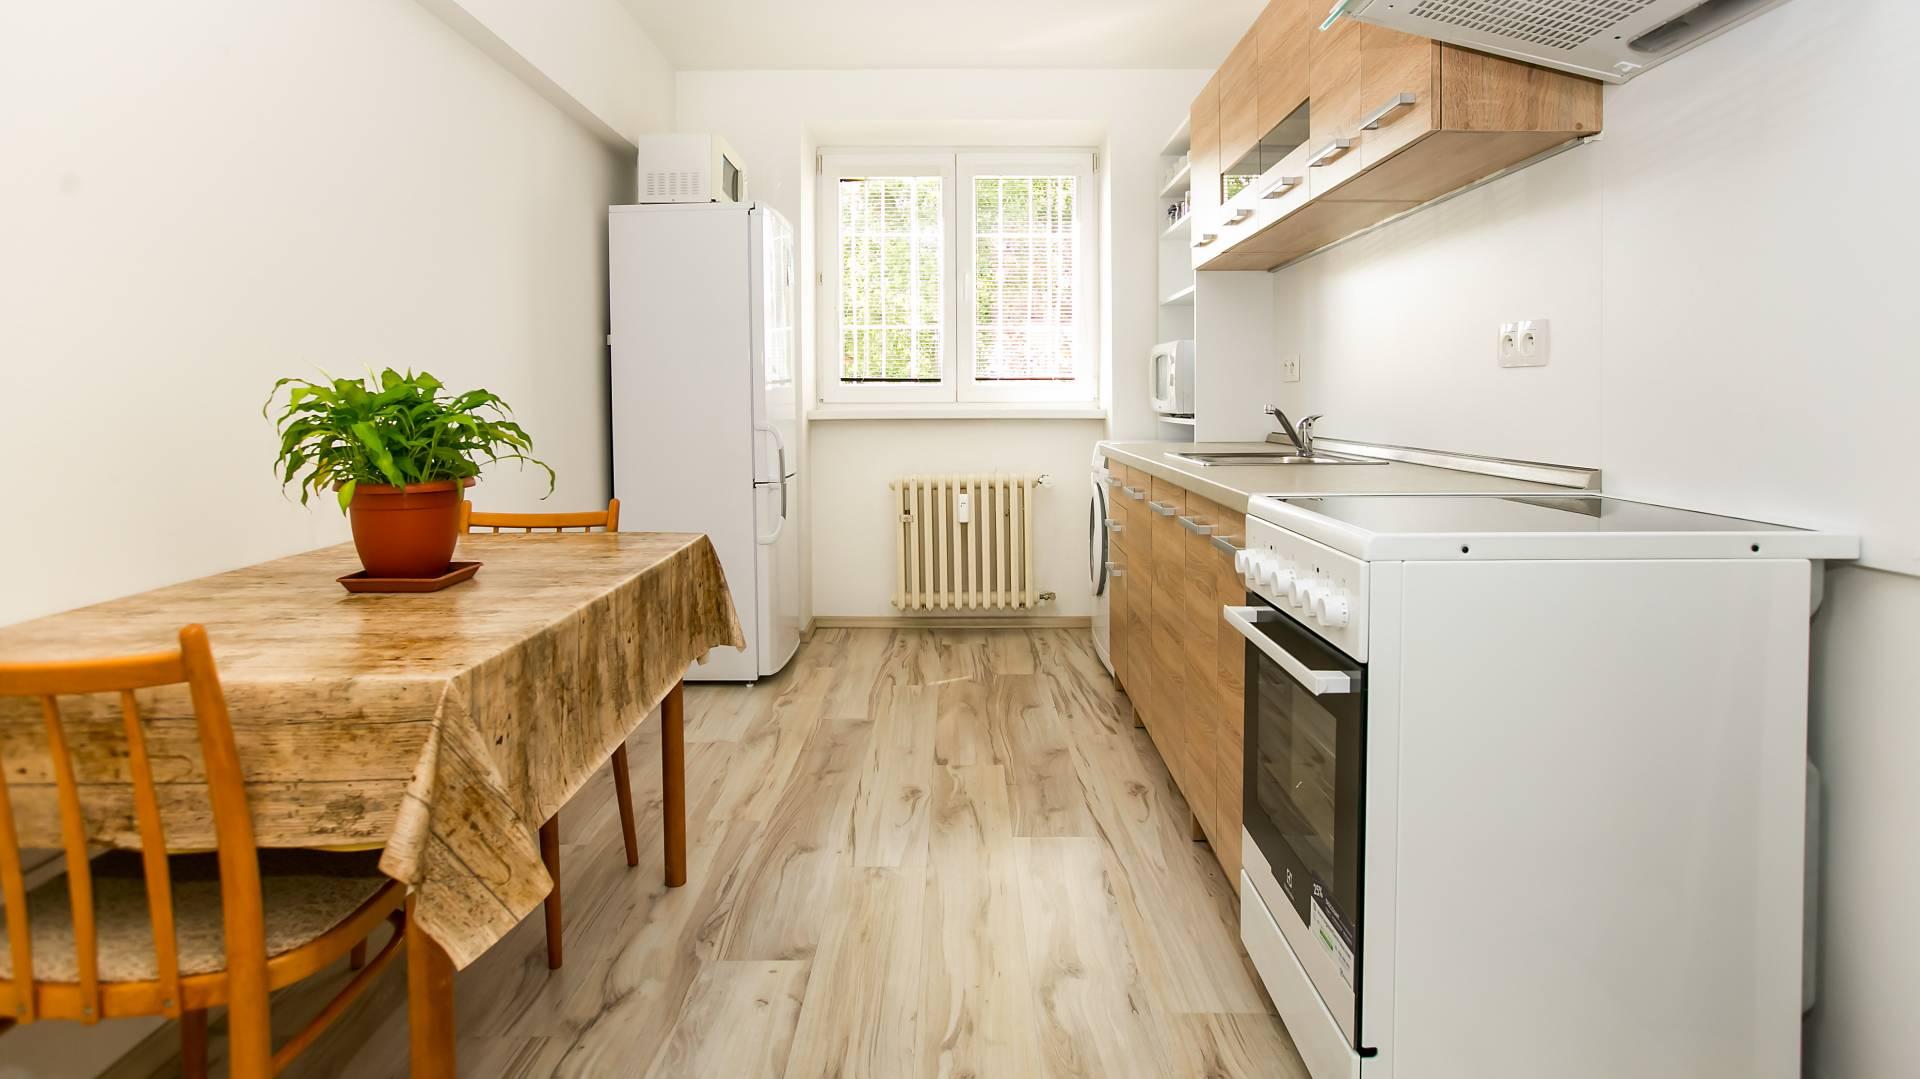 Predaj bytu (1,5- izbový) 42 m2, Bratislava - Nové Mesto